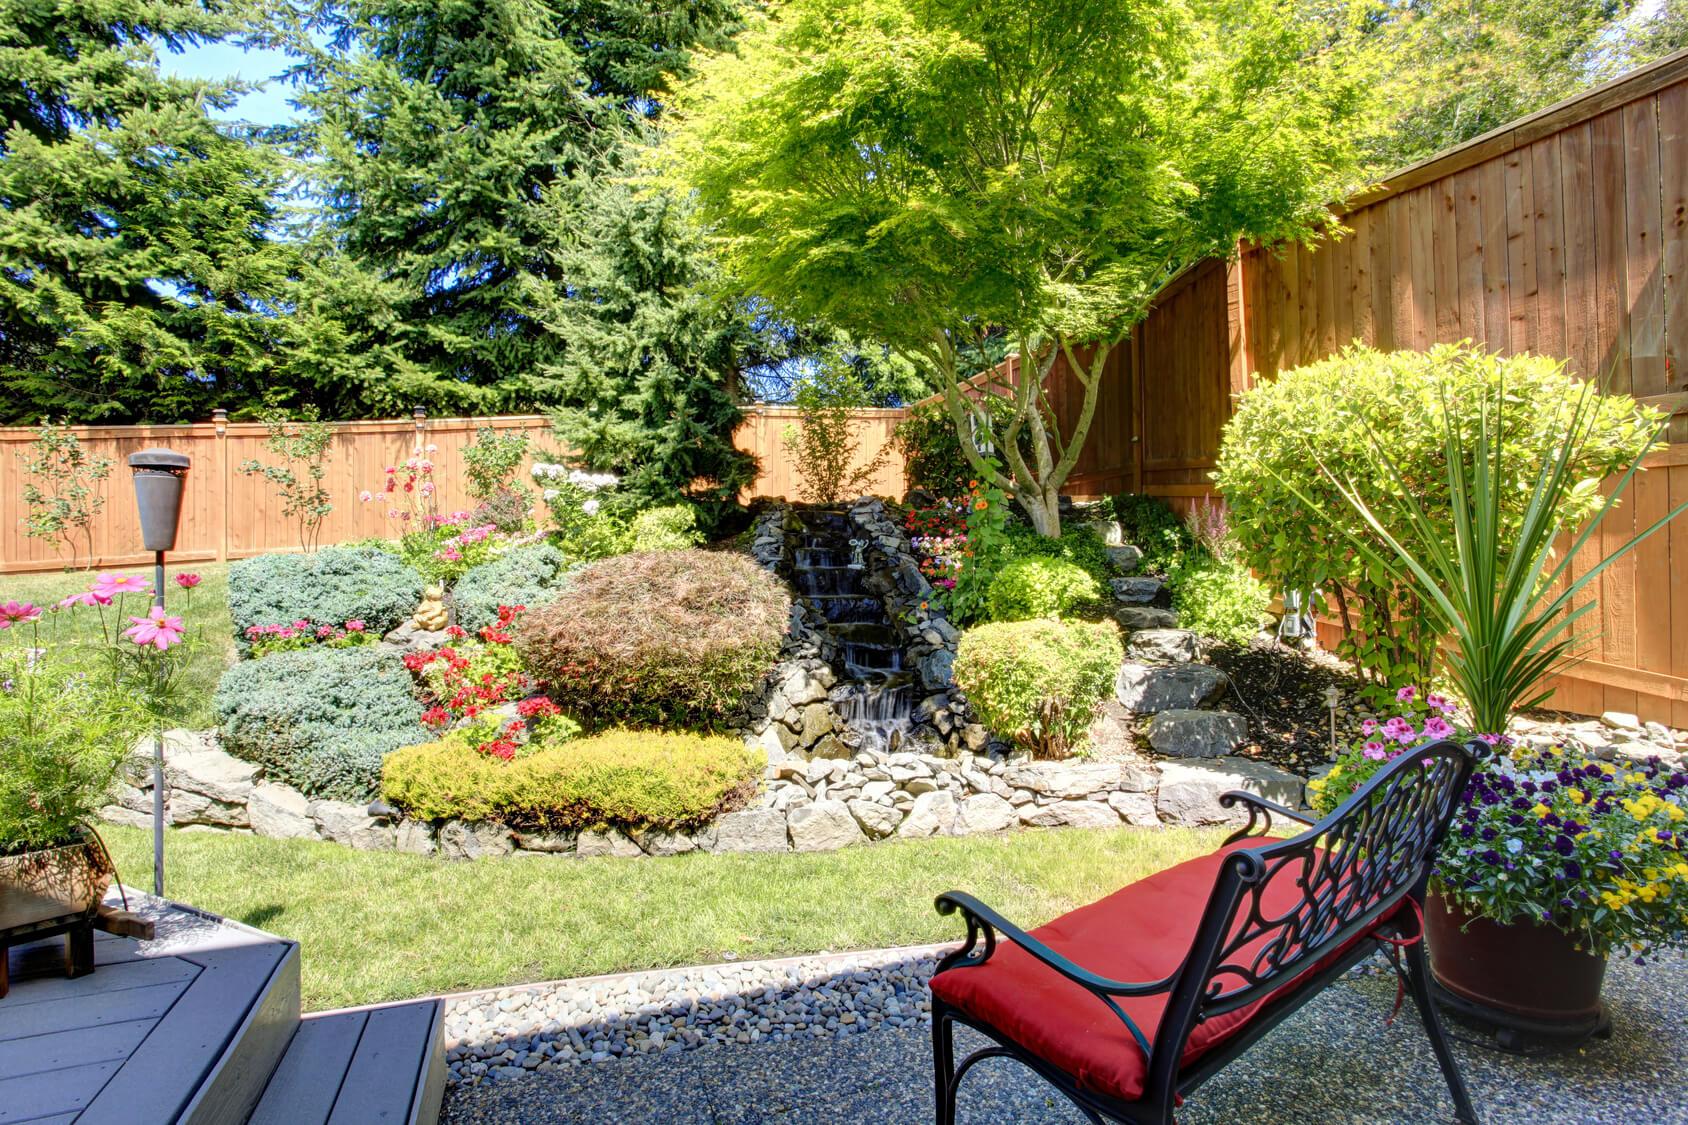 Kleinen Garten gestalten: Tipps & Bilder zu Pflanzen als Sichtschutz ...